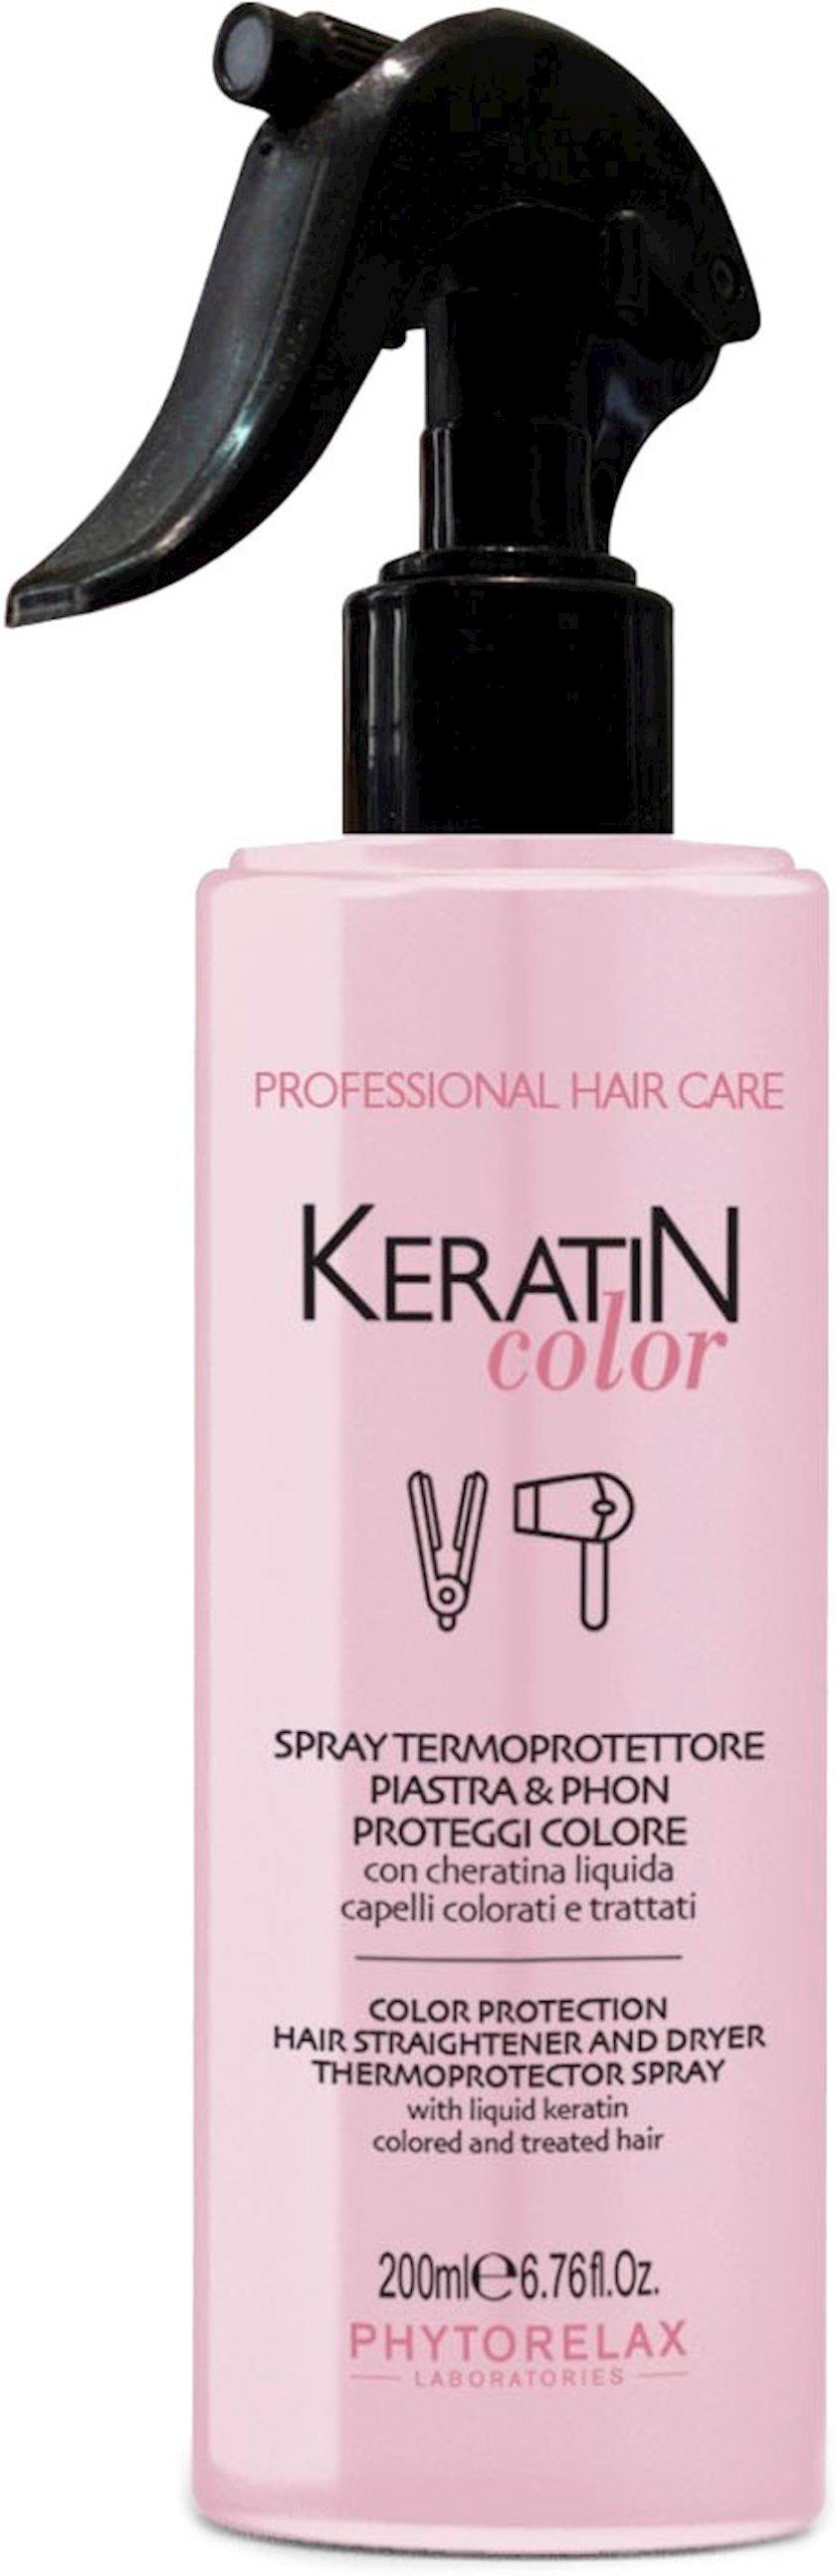 Saç üçün sprey-termomüdafiə Phytorelax Laboratories Keratin Color 250 ml